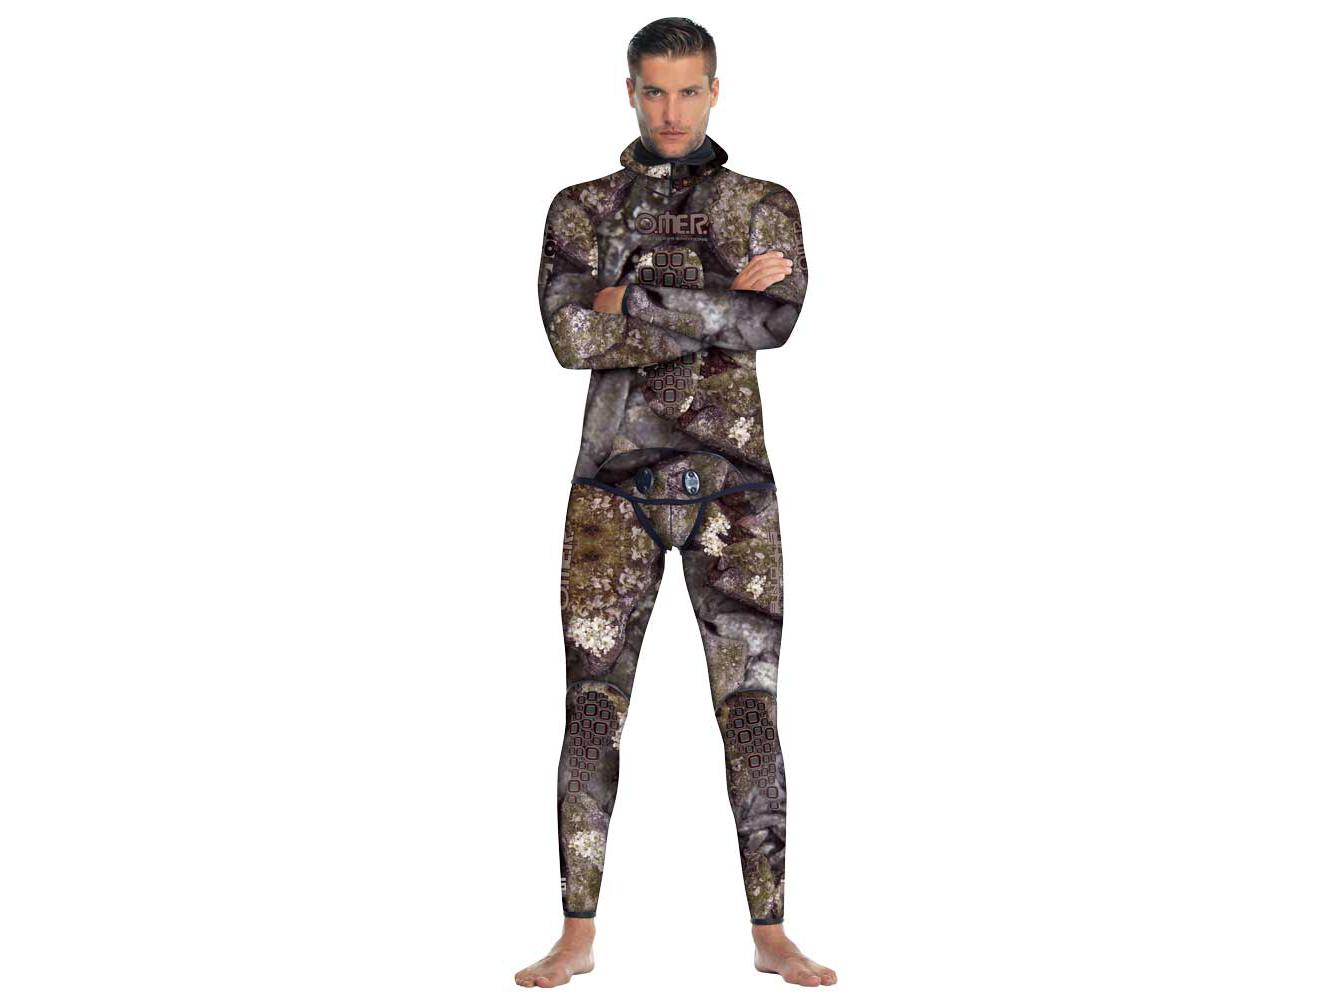 OMER HOLO STONE(オマー ホロストーン) 7mm フード股掛け付きジャケット+HWパンツ ウェットスーツ ※要在庫確認